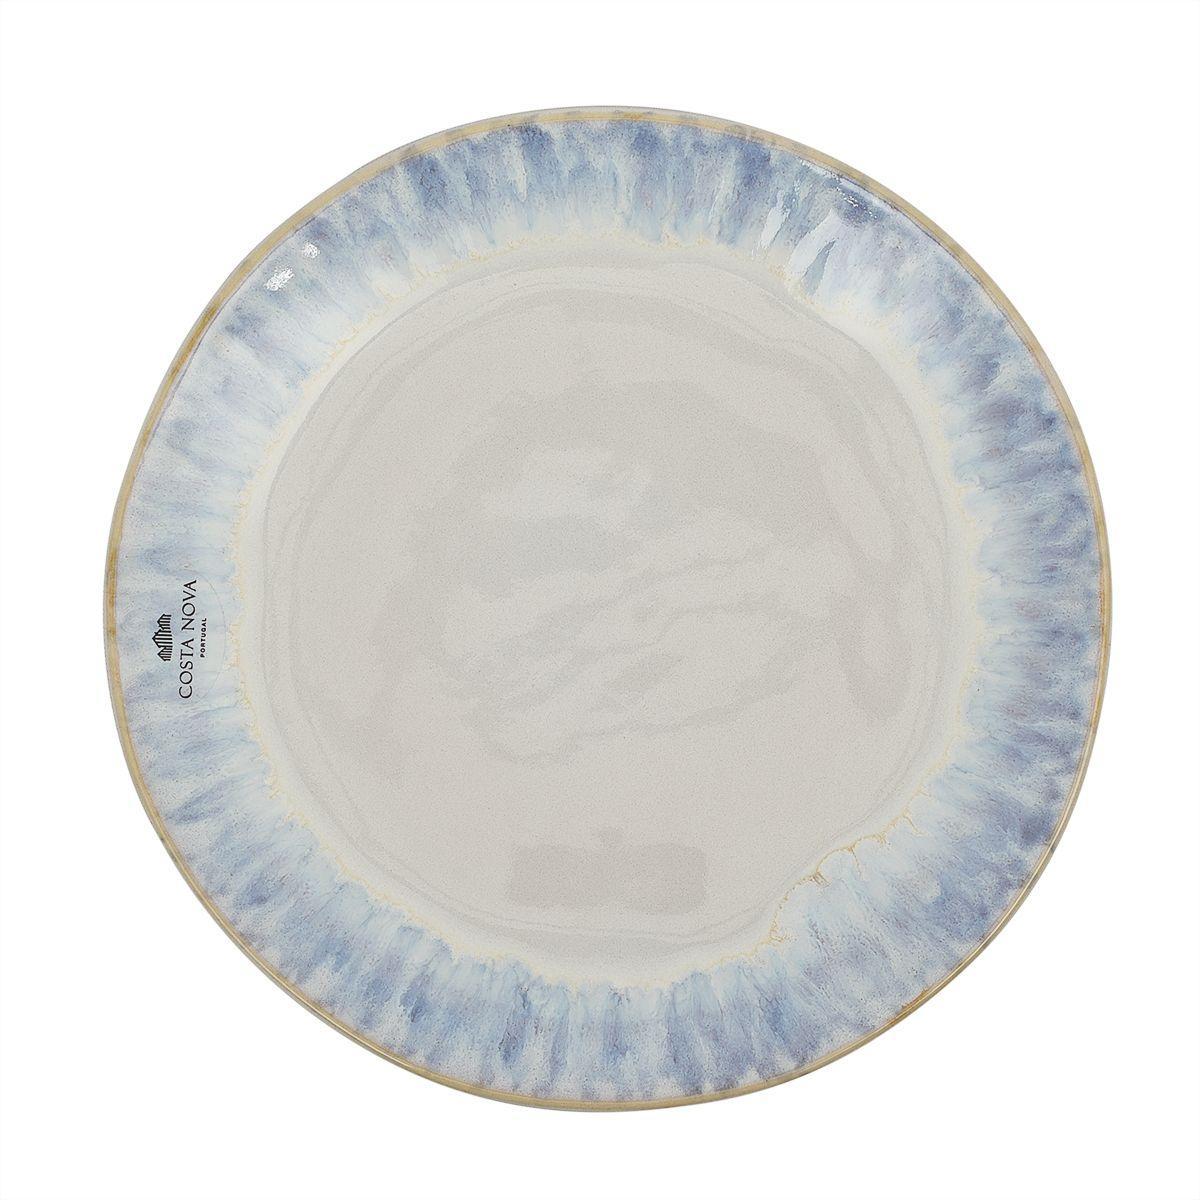 Тарелка для салата Costa Nova Brisa синяя 20 см